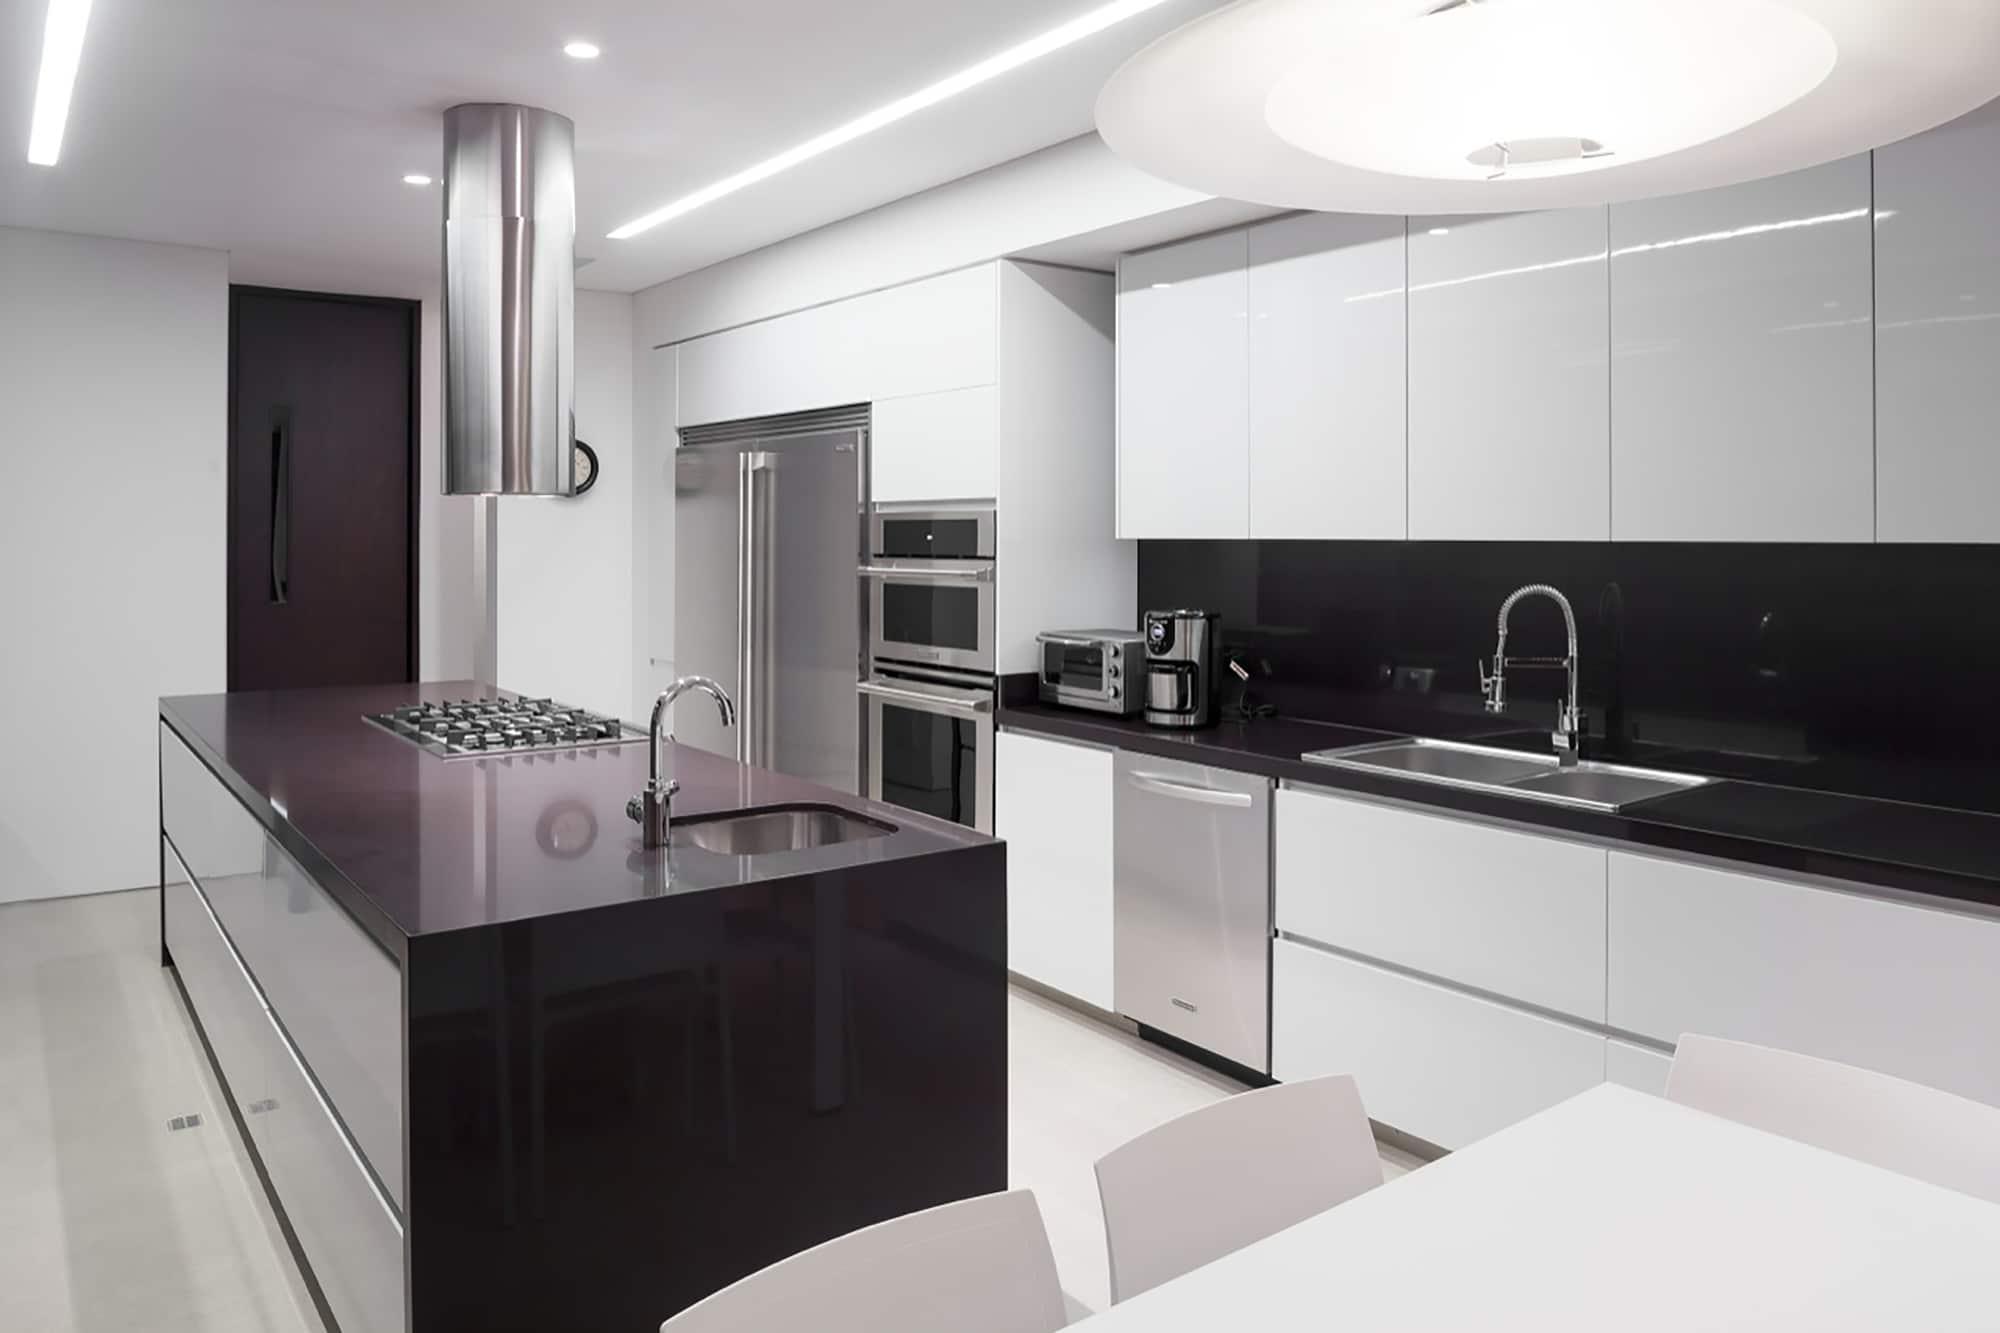 Moderno dise o casa de un piso con planos construye hogar - Cocinas espectaculares modernas ...